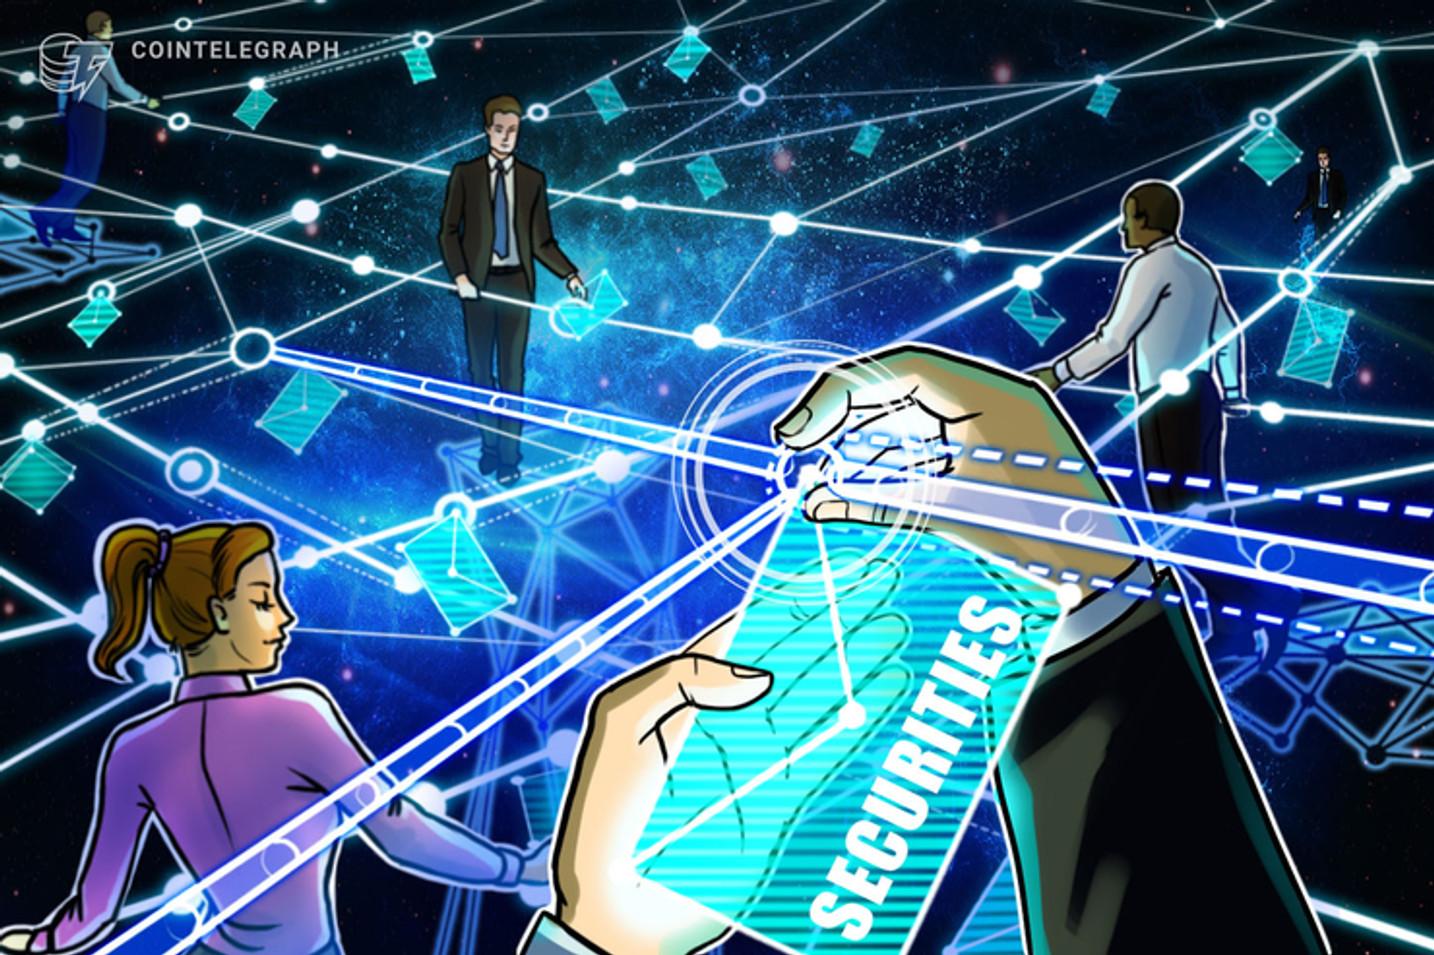 IBM em parceria com sindicatos usam blockchain do hyperledger para resolver conflitos trabalhistas no Brasil